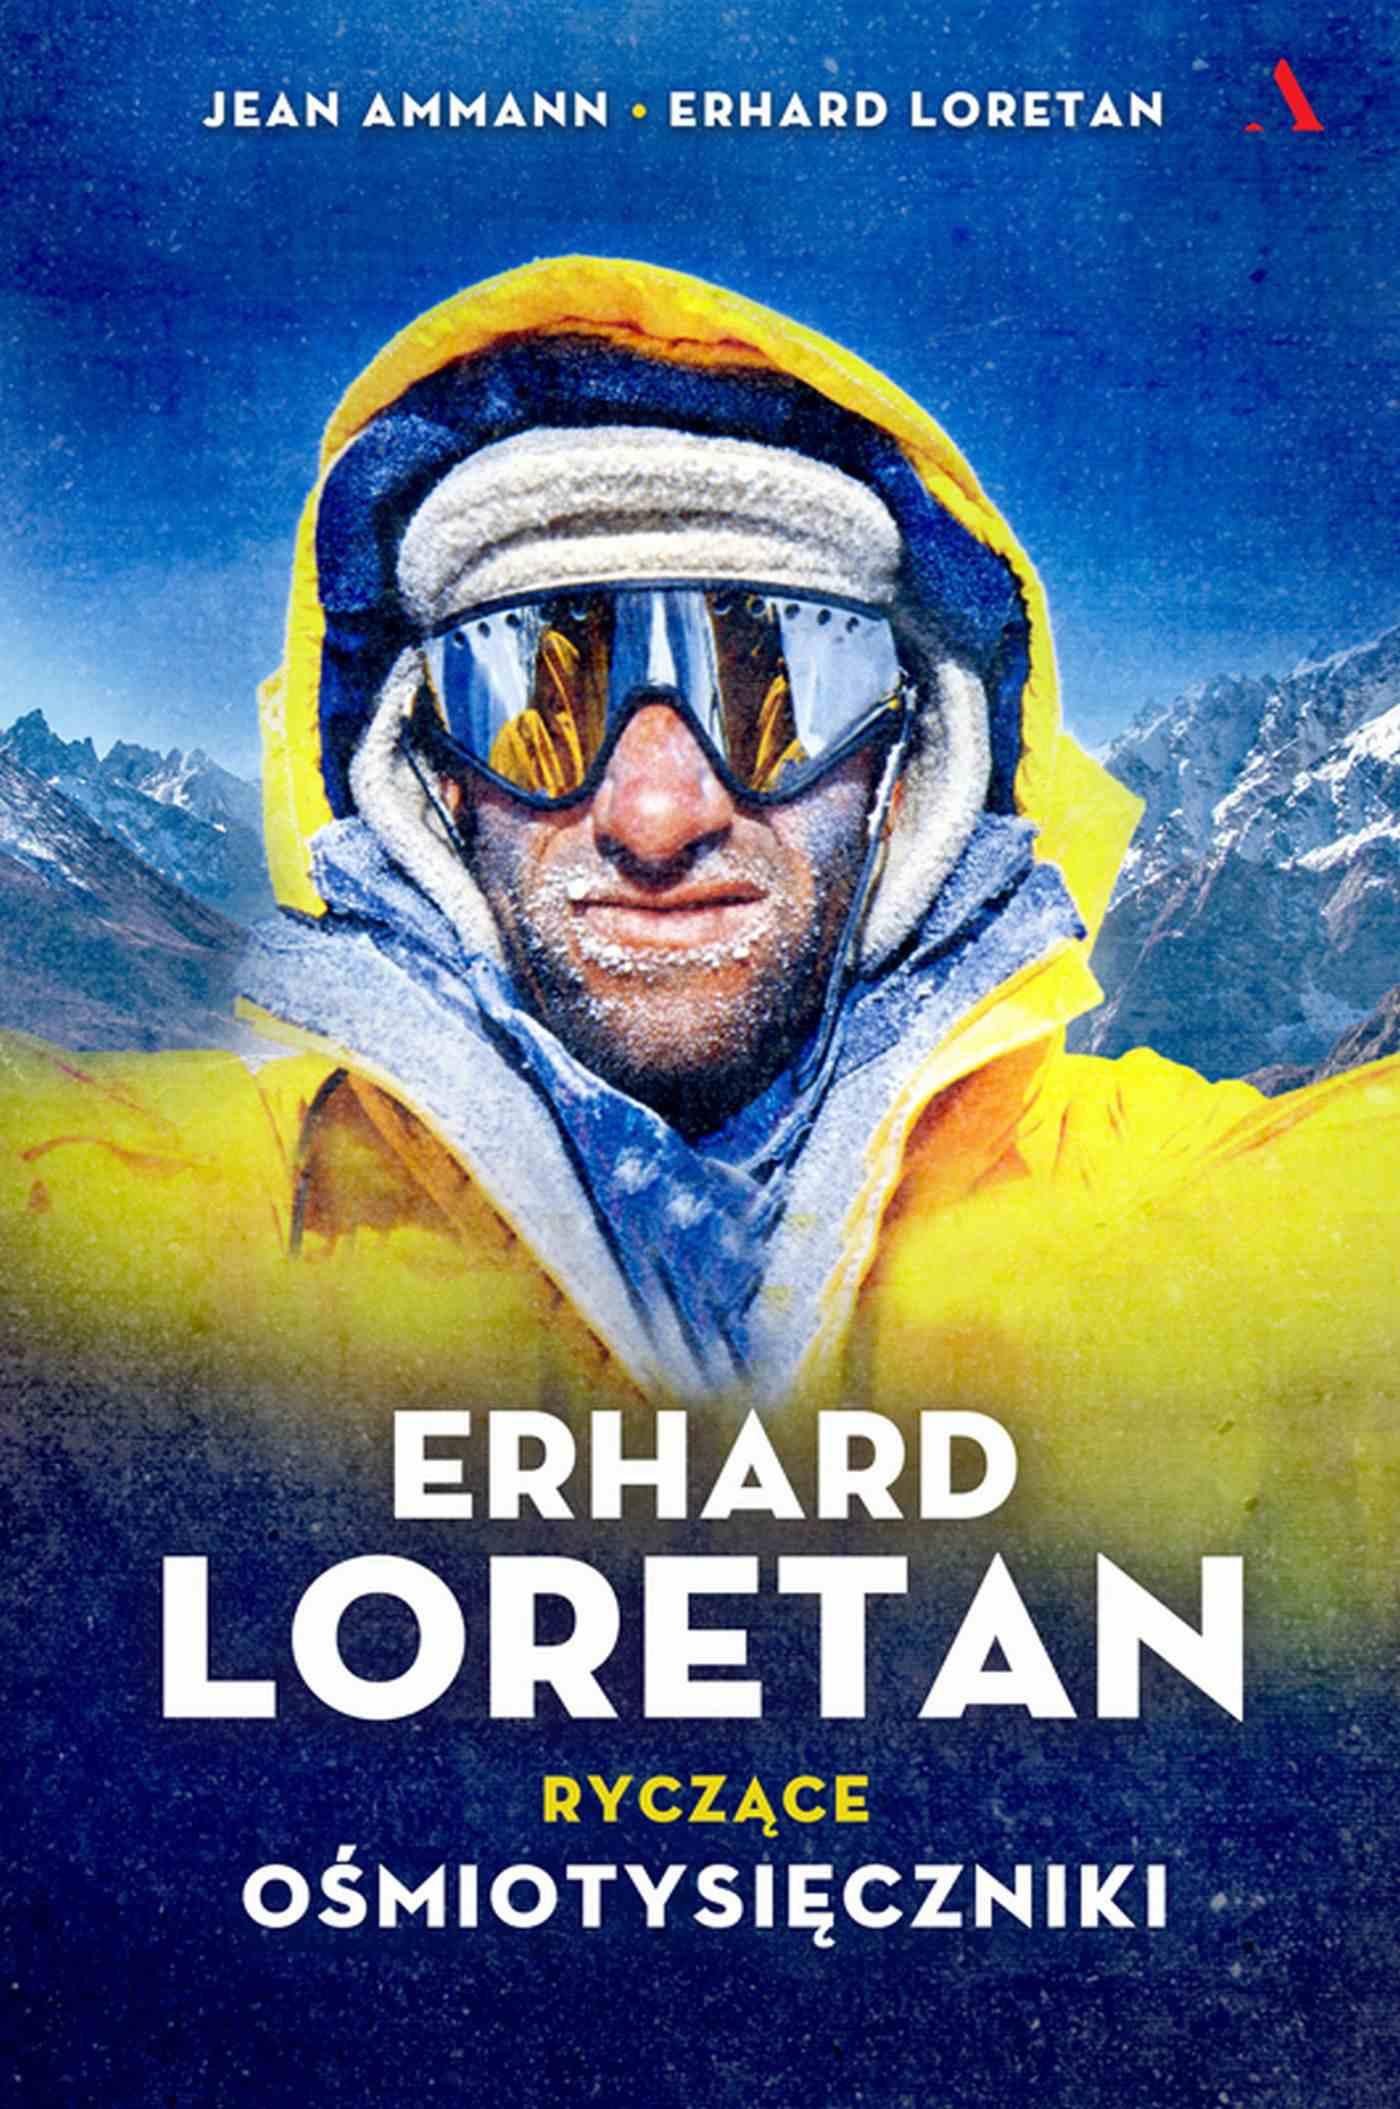 Erhard Loretan. Ryczące ośmiotysięczniki - Ebook (Książka EPUB) do pobrania w formacie EPUB